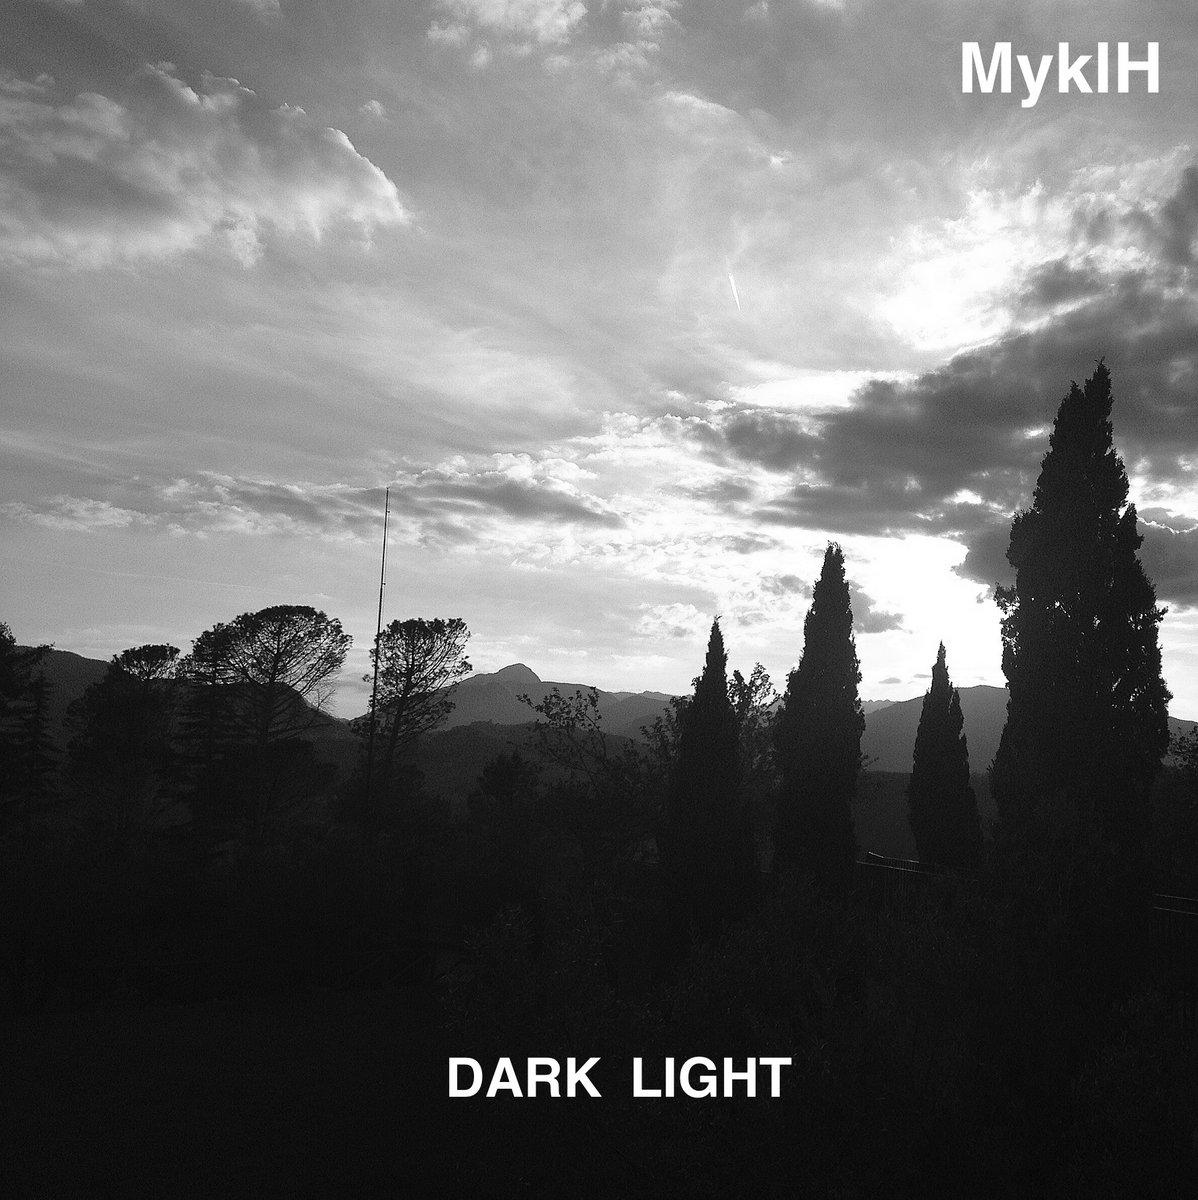 Dark Light | Michael Hodges (aka MyklH) for Dark Vs Light Nature  545xkb